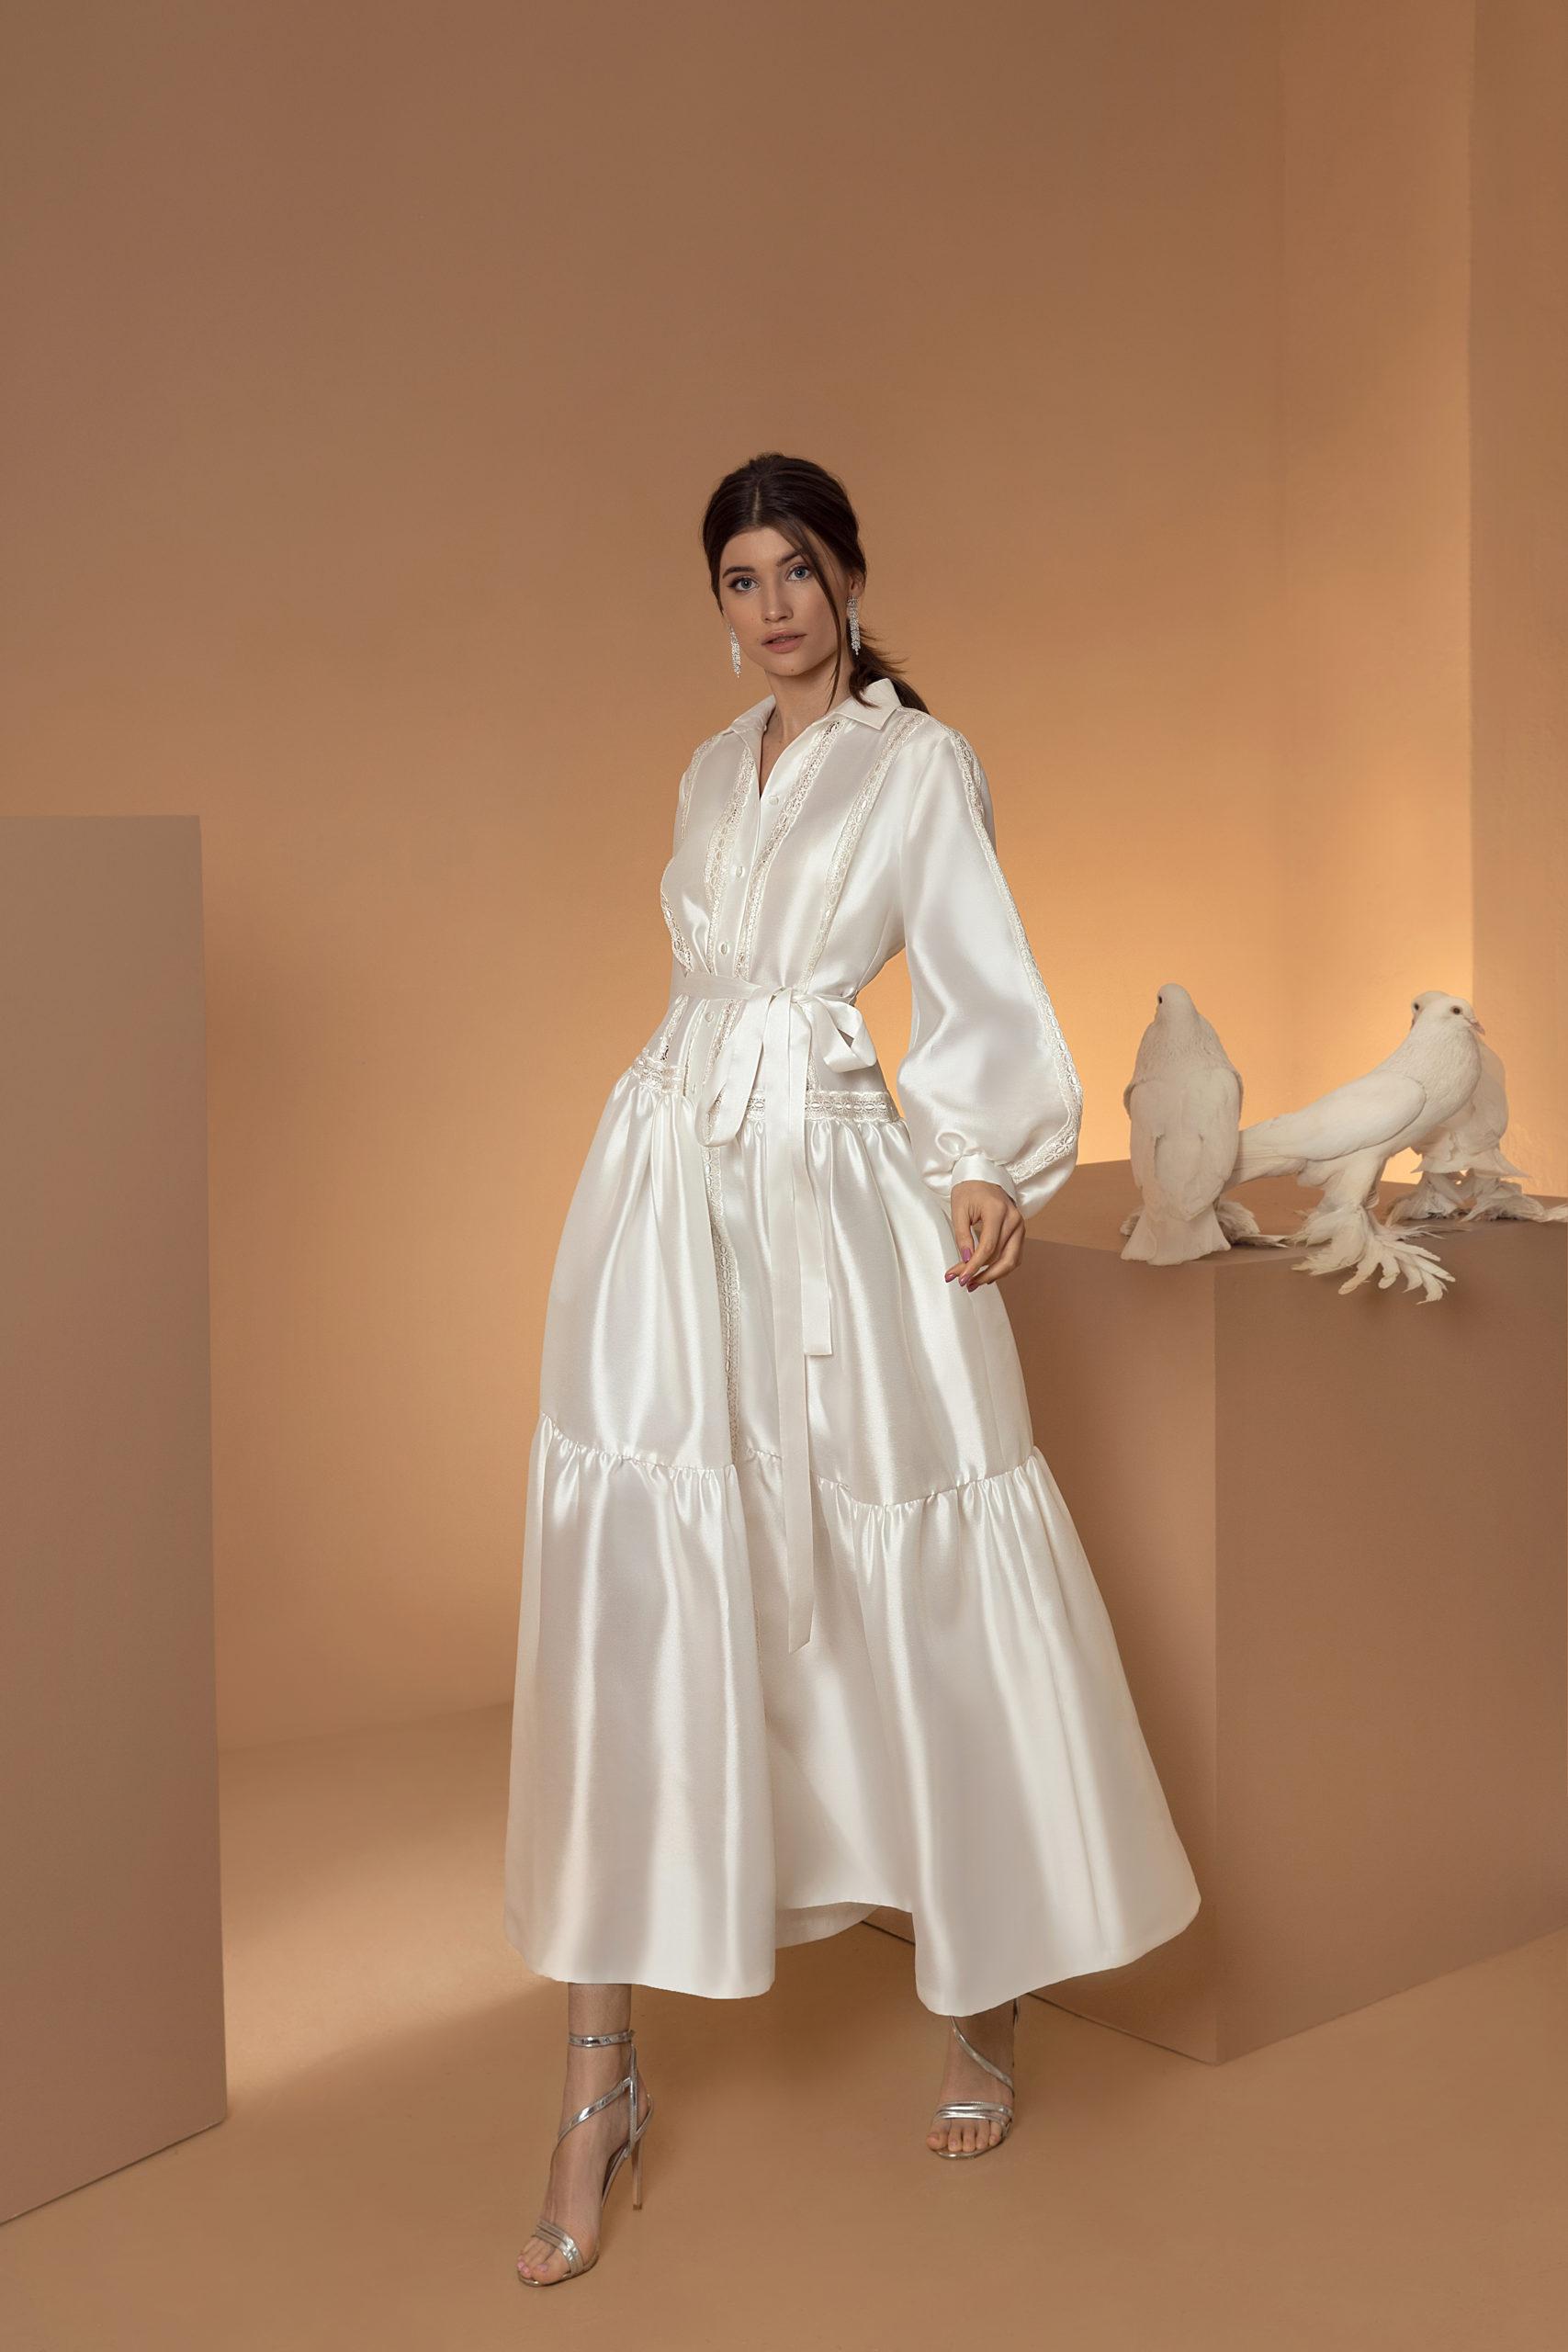 Mariage civil robe oversize satin ceinture manches longues genève boutique rendez-vous